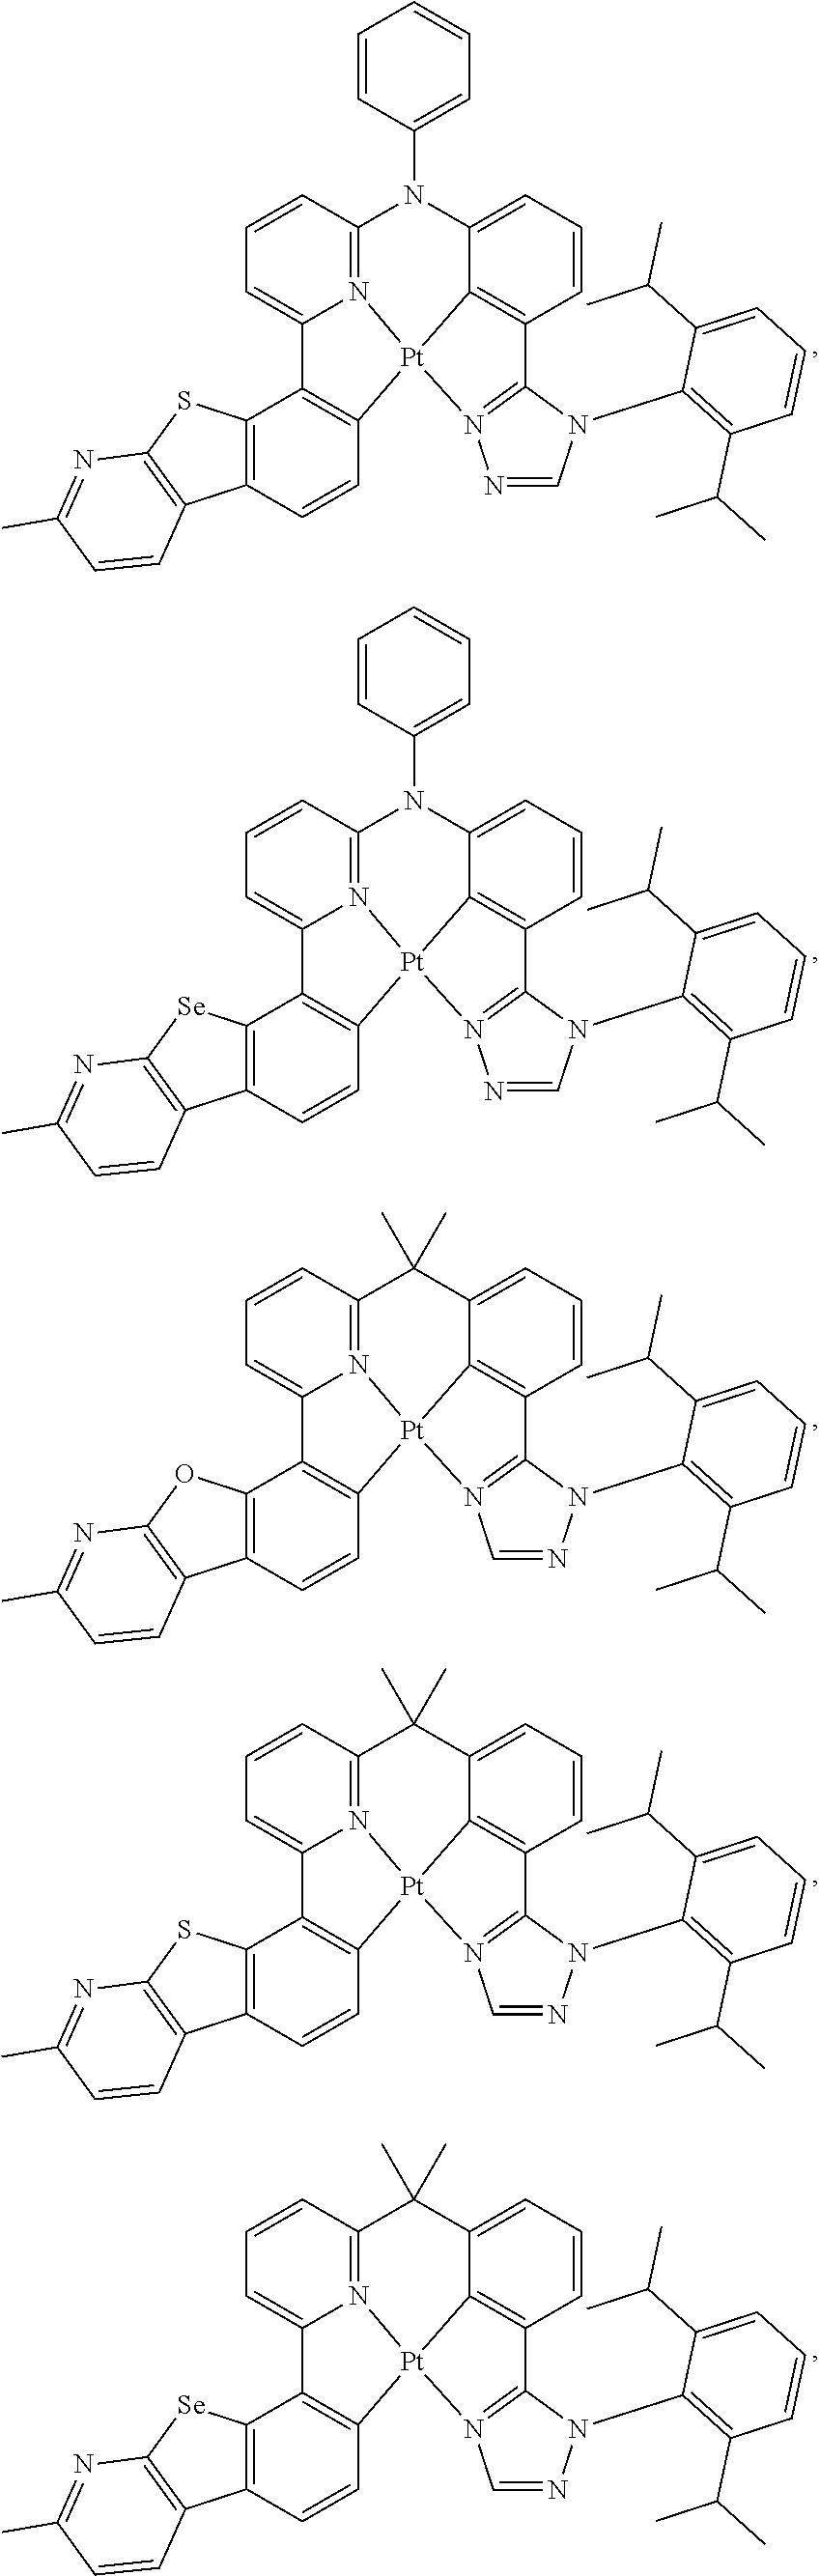 Figure US09871214-20180116-C00029